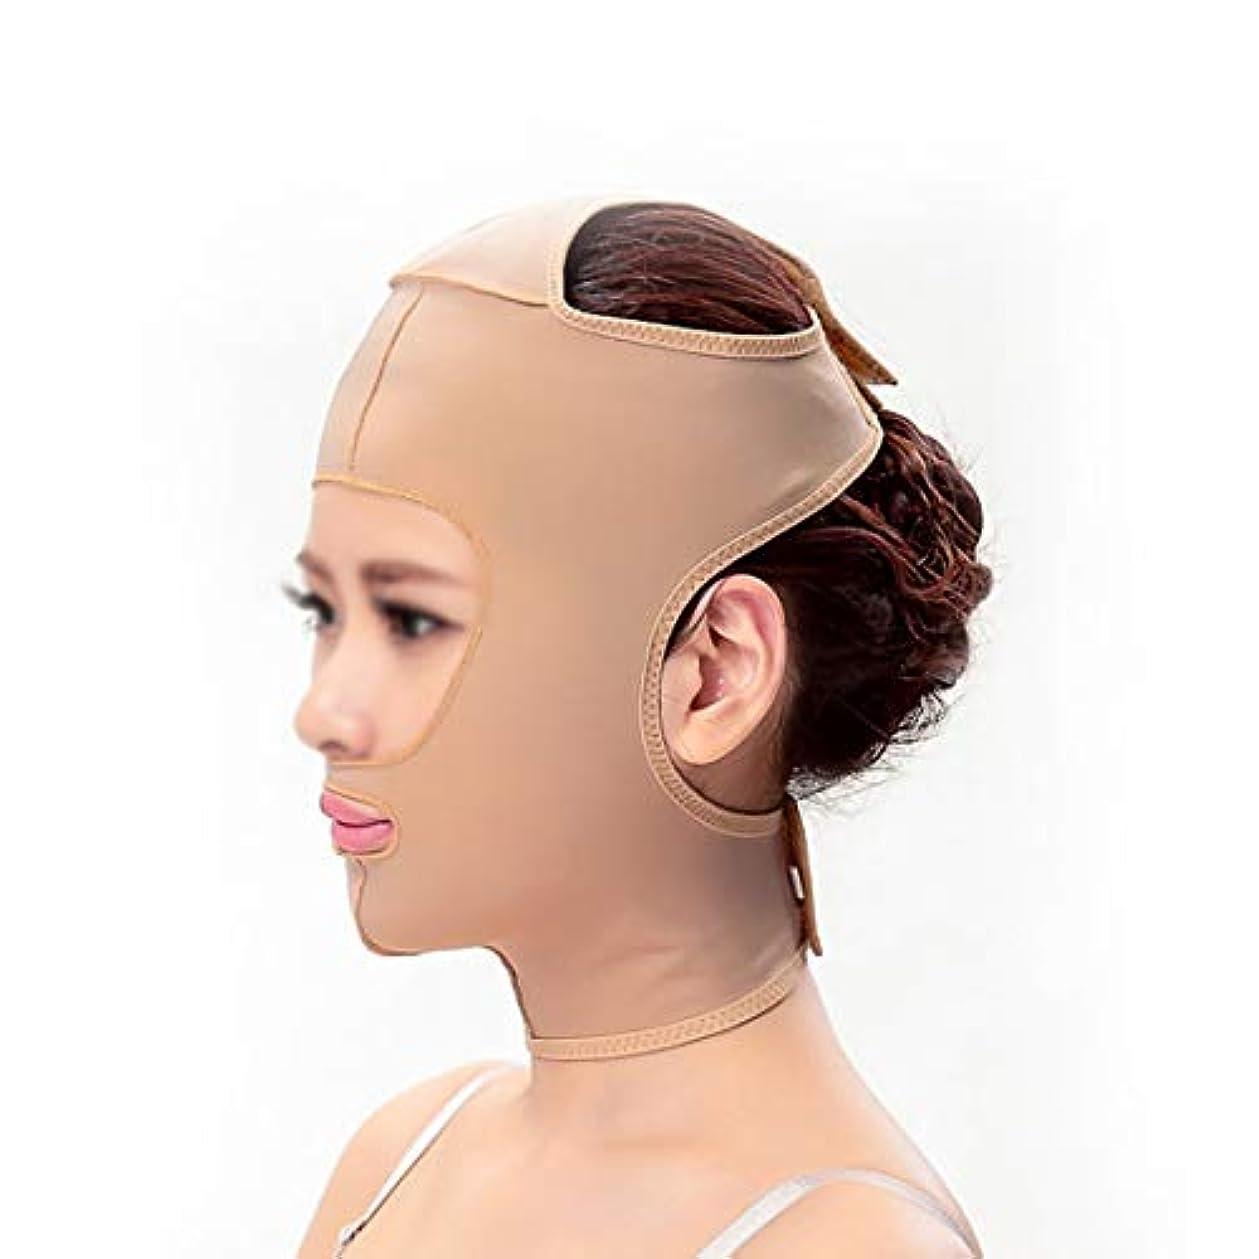 拒絶する実験マディソンLJK 痩身ベルト、フェイシャルマスク薄いフェイスマスクを脇に持ち上げる二重あご引き締め顔面プラスチックフェイスアーティファクト強力なフェイス包帯 (Size : M)